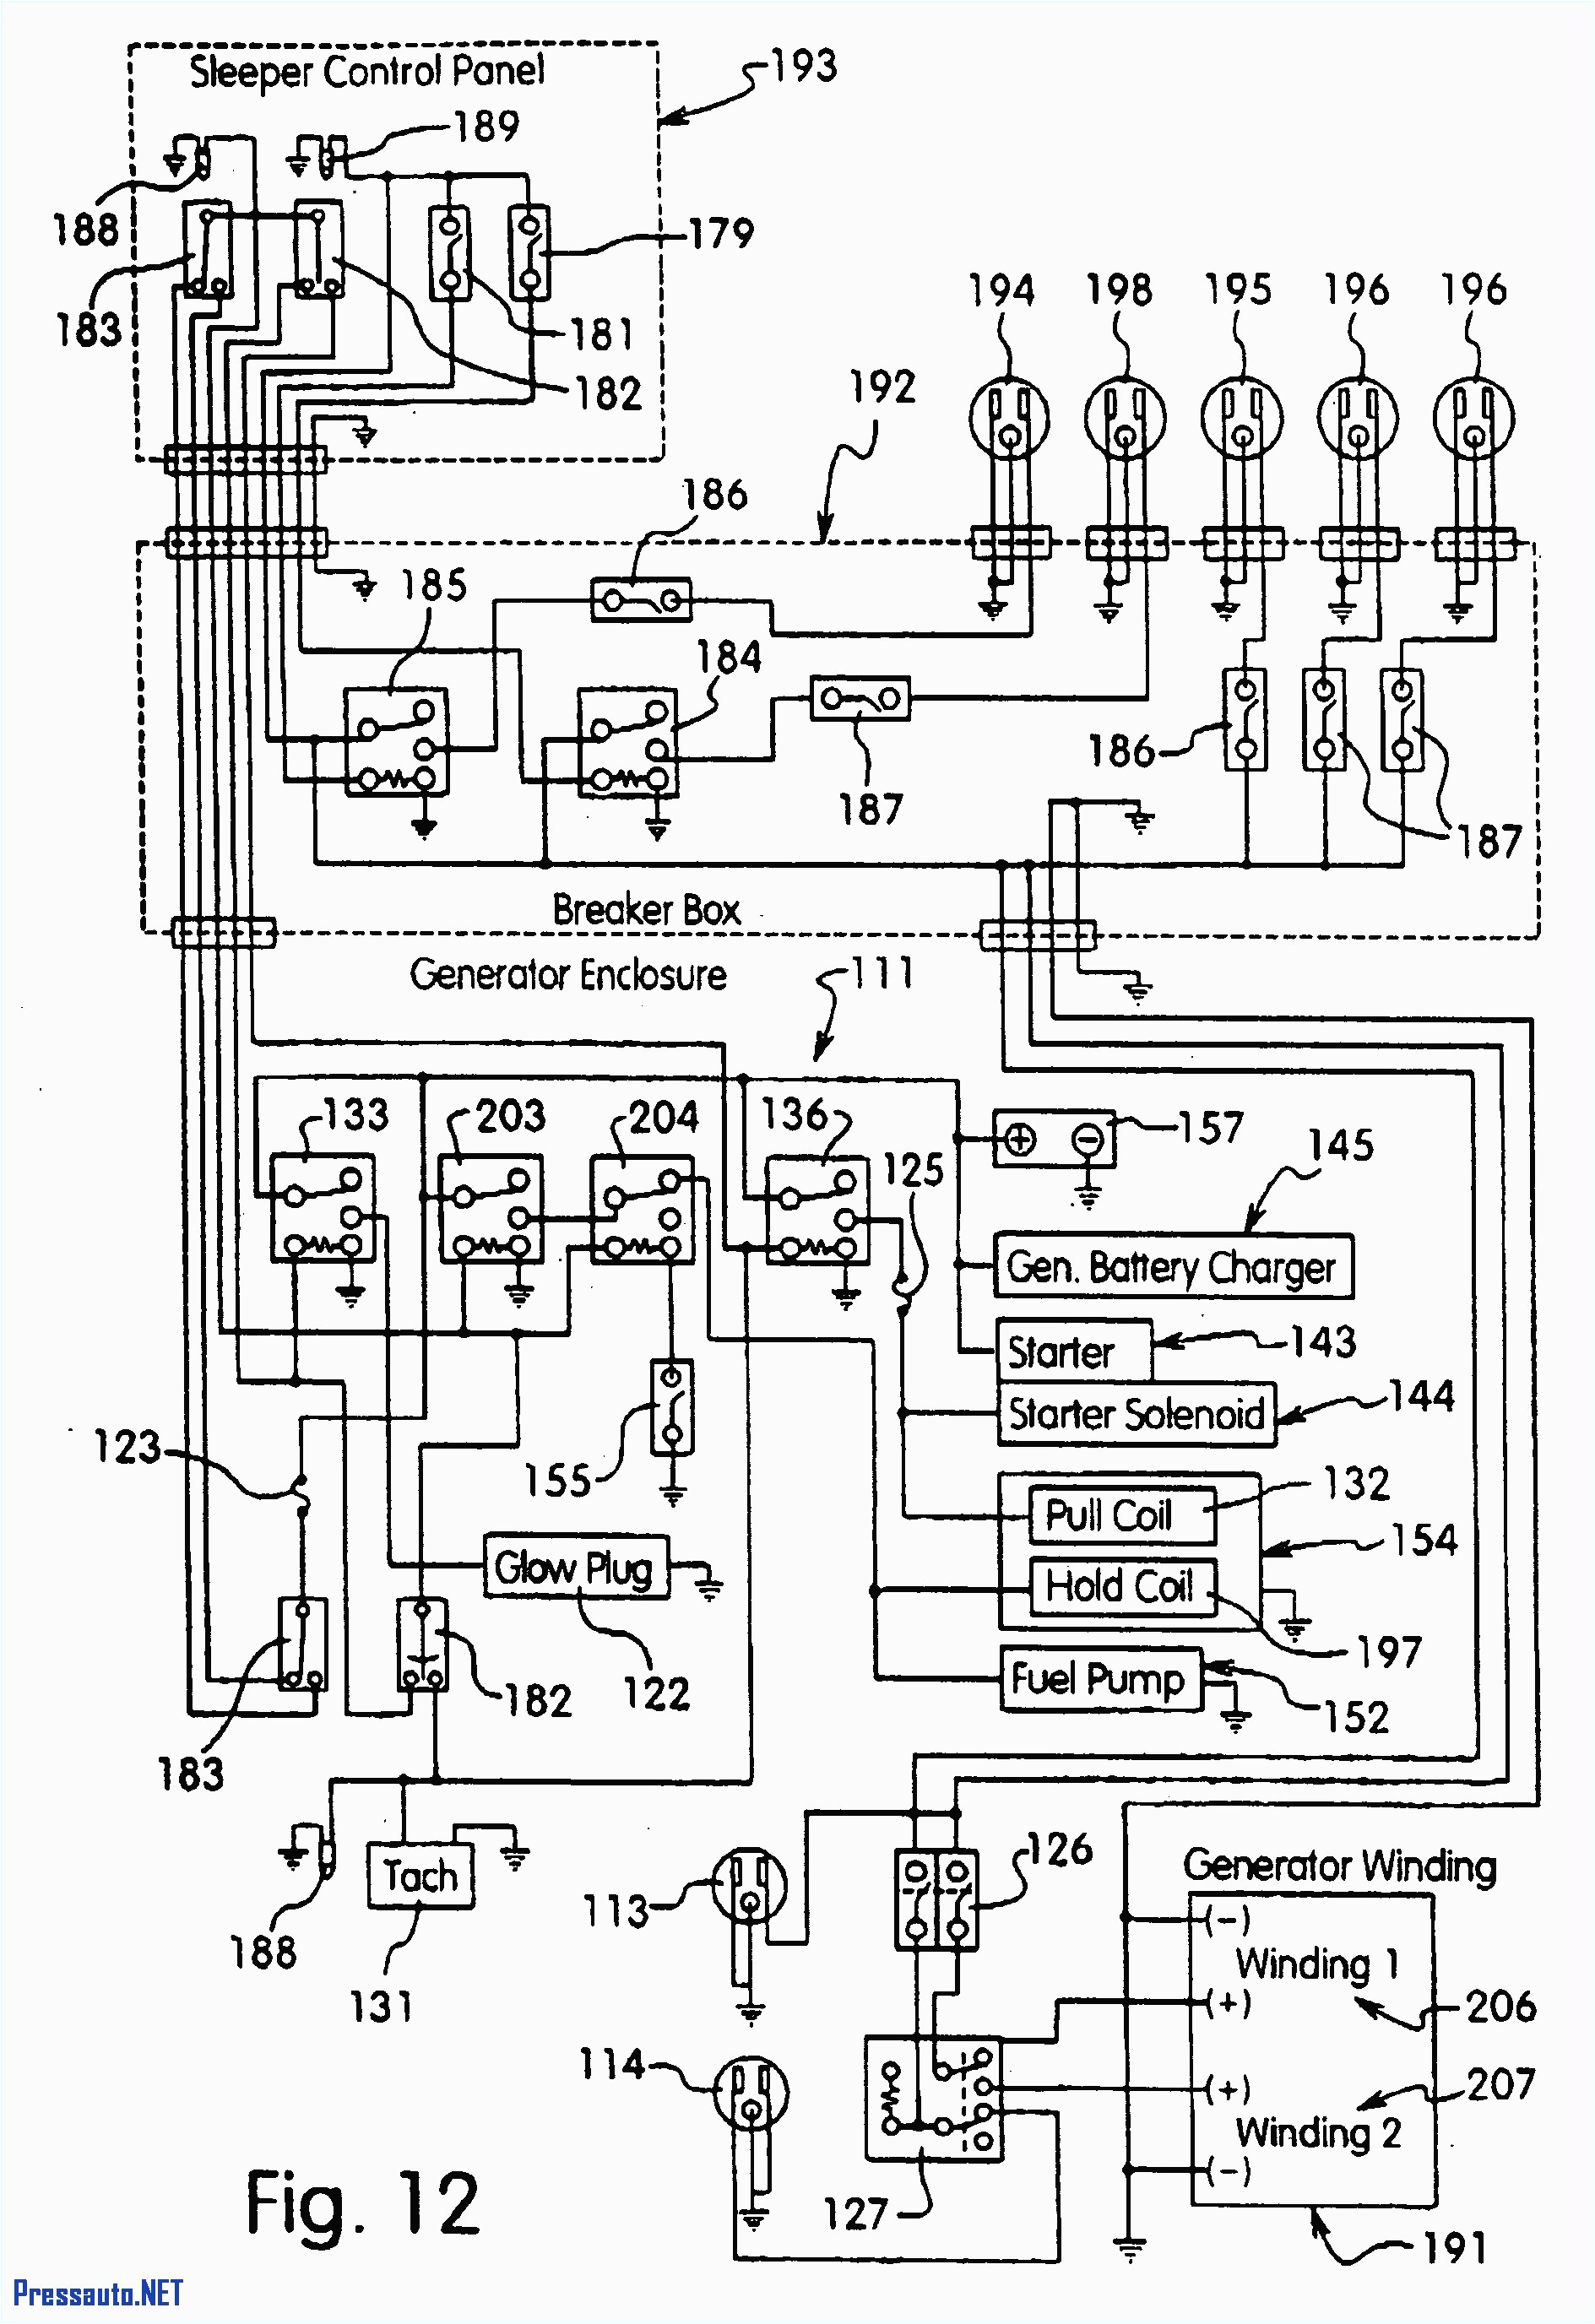 whelen edge 9000 wiring diagram 5a9e0b0981eae with jpg